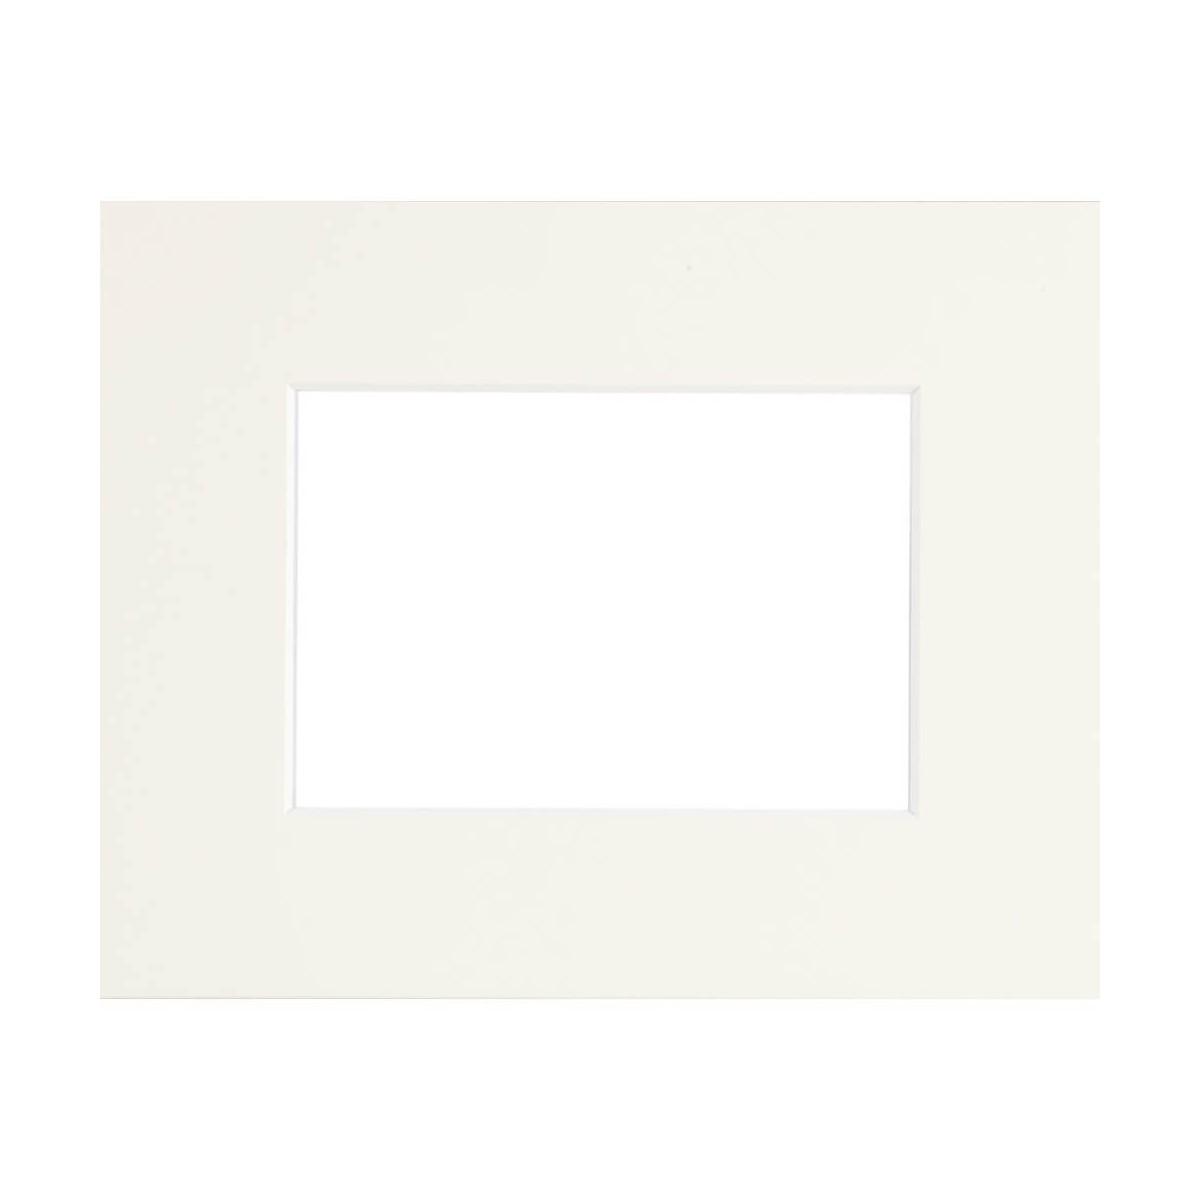 Passe-partout Epais blanc cassé 18x24 cm ouverture 13x18 cm